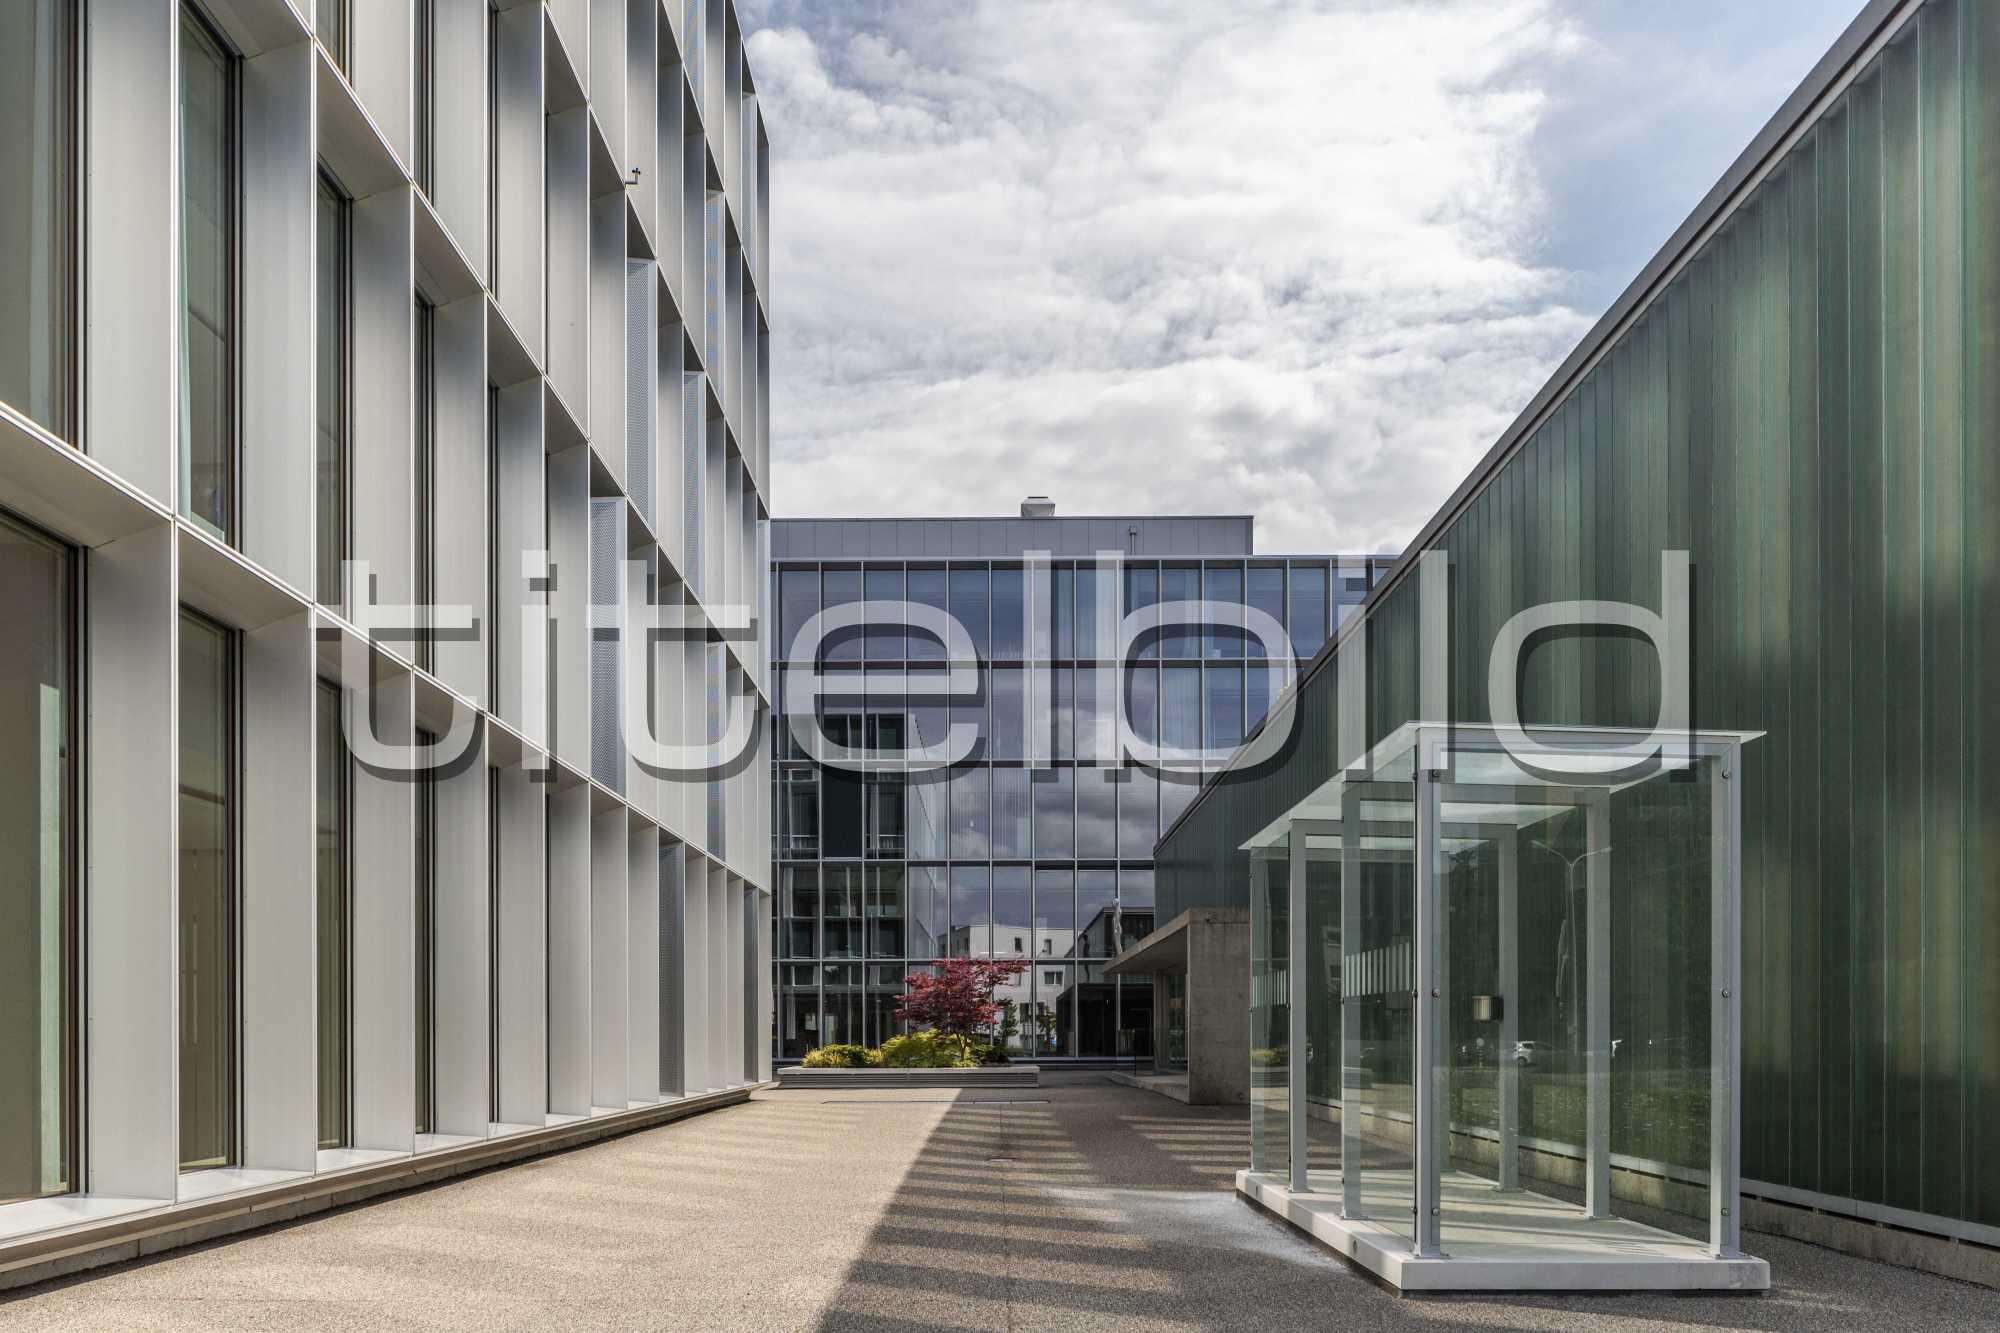 Projektbild-Nr. 2: Forum Zofingen